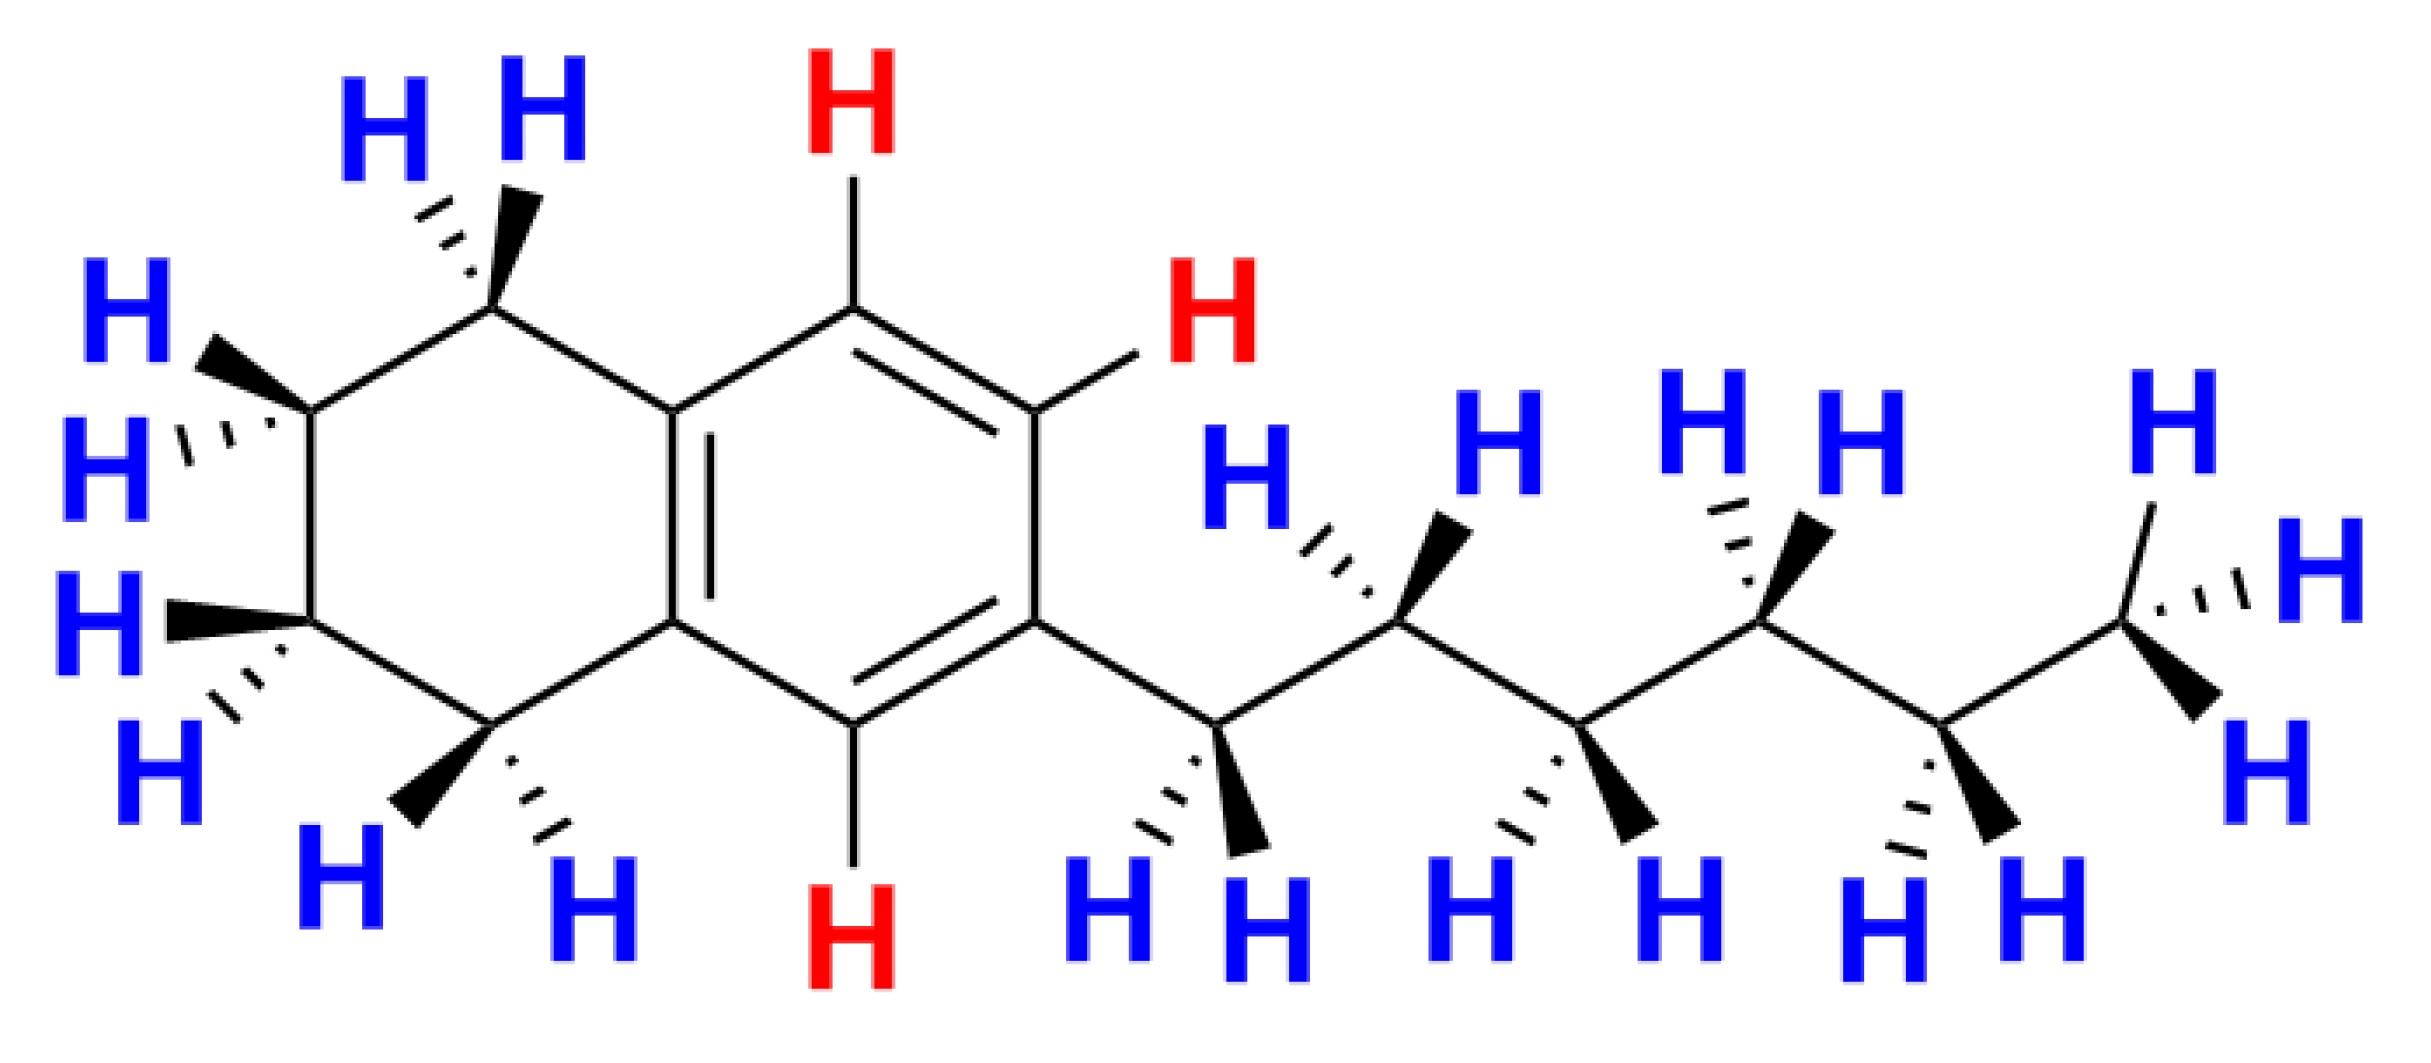 Abbildung der Strukturformel einer beispielhaften MOAH–Verbindung mit rot und blau markierten Wasserstoffatomen entsprechend ihrer Position am Molekülgerüst.